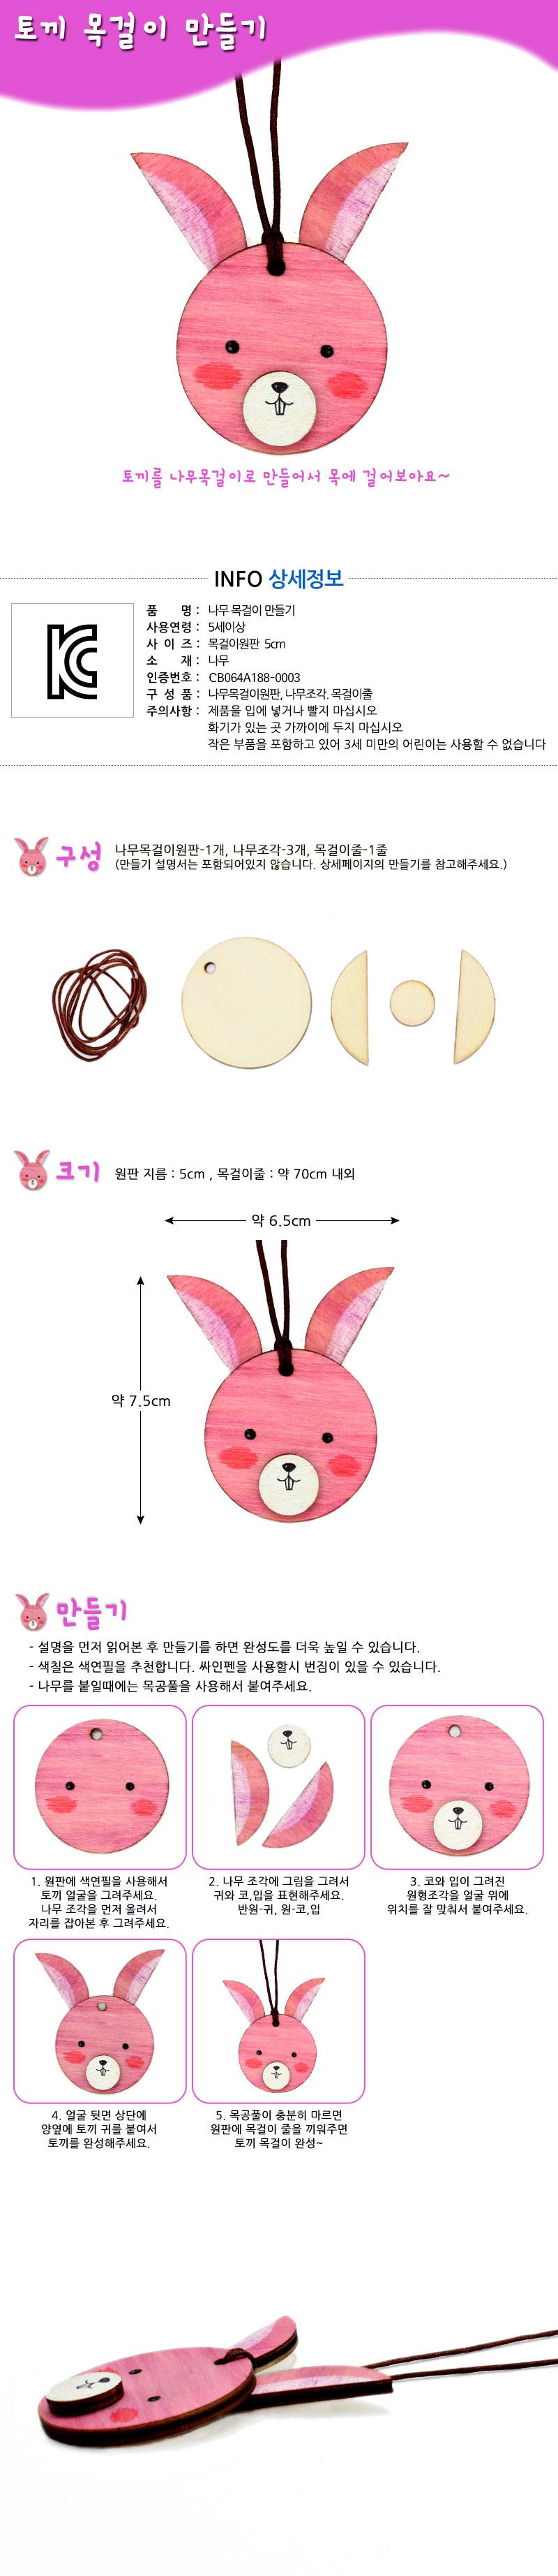 new나무목걸이만들기-토끼 - 에코키즈, 1,300원, 우드공예, 우드공예 패키지